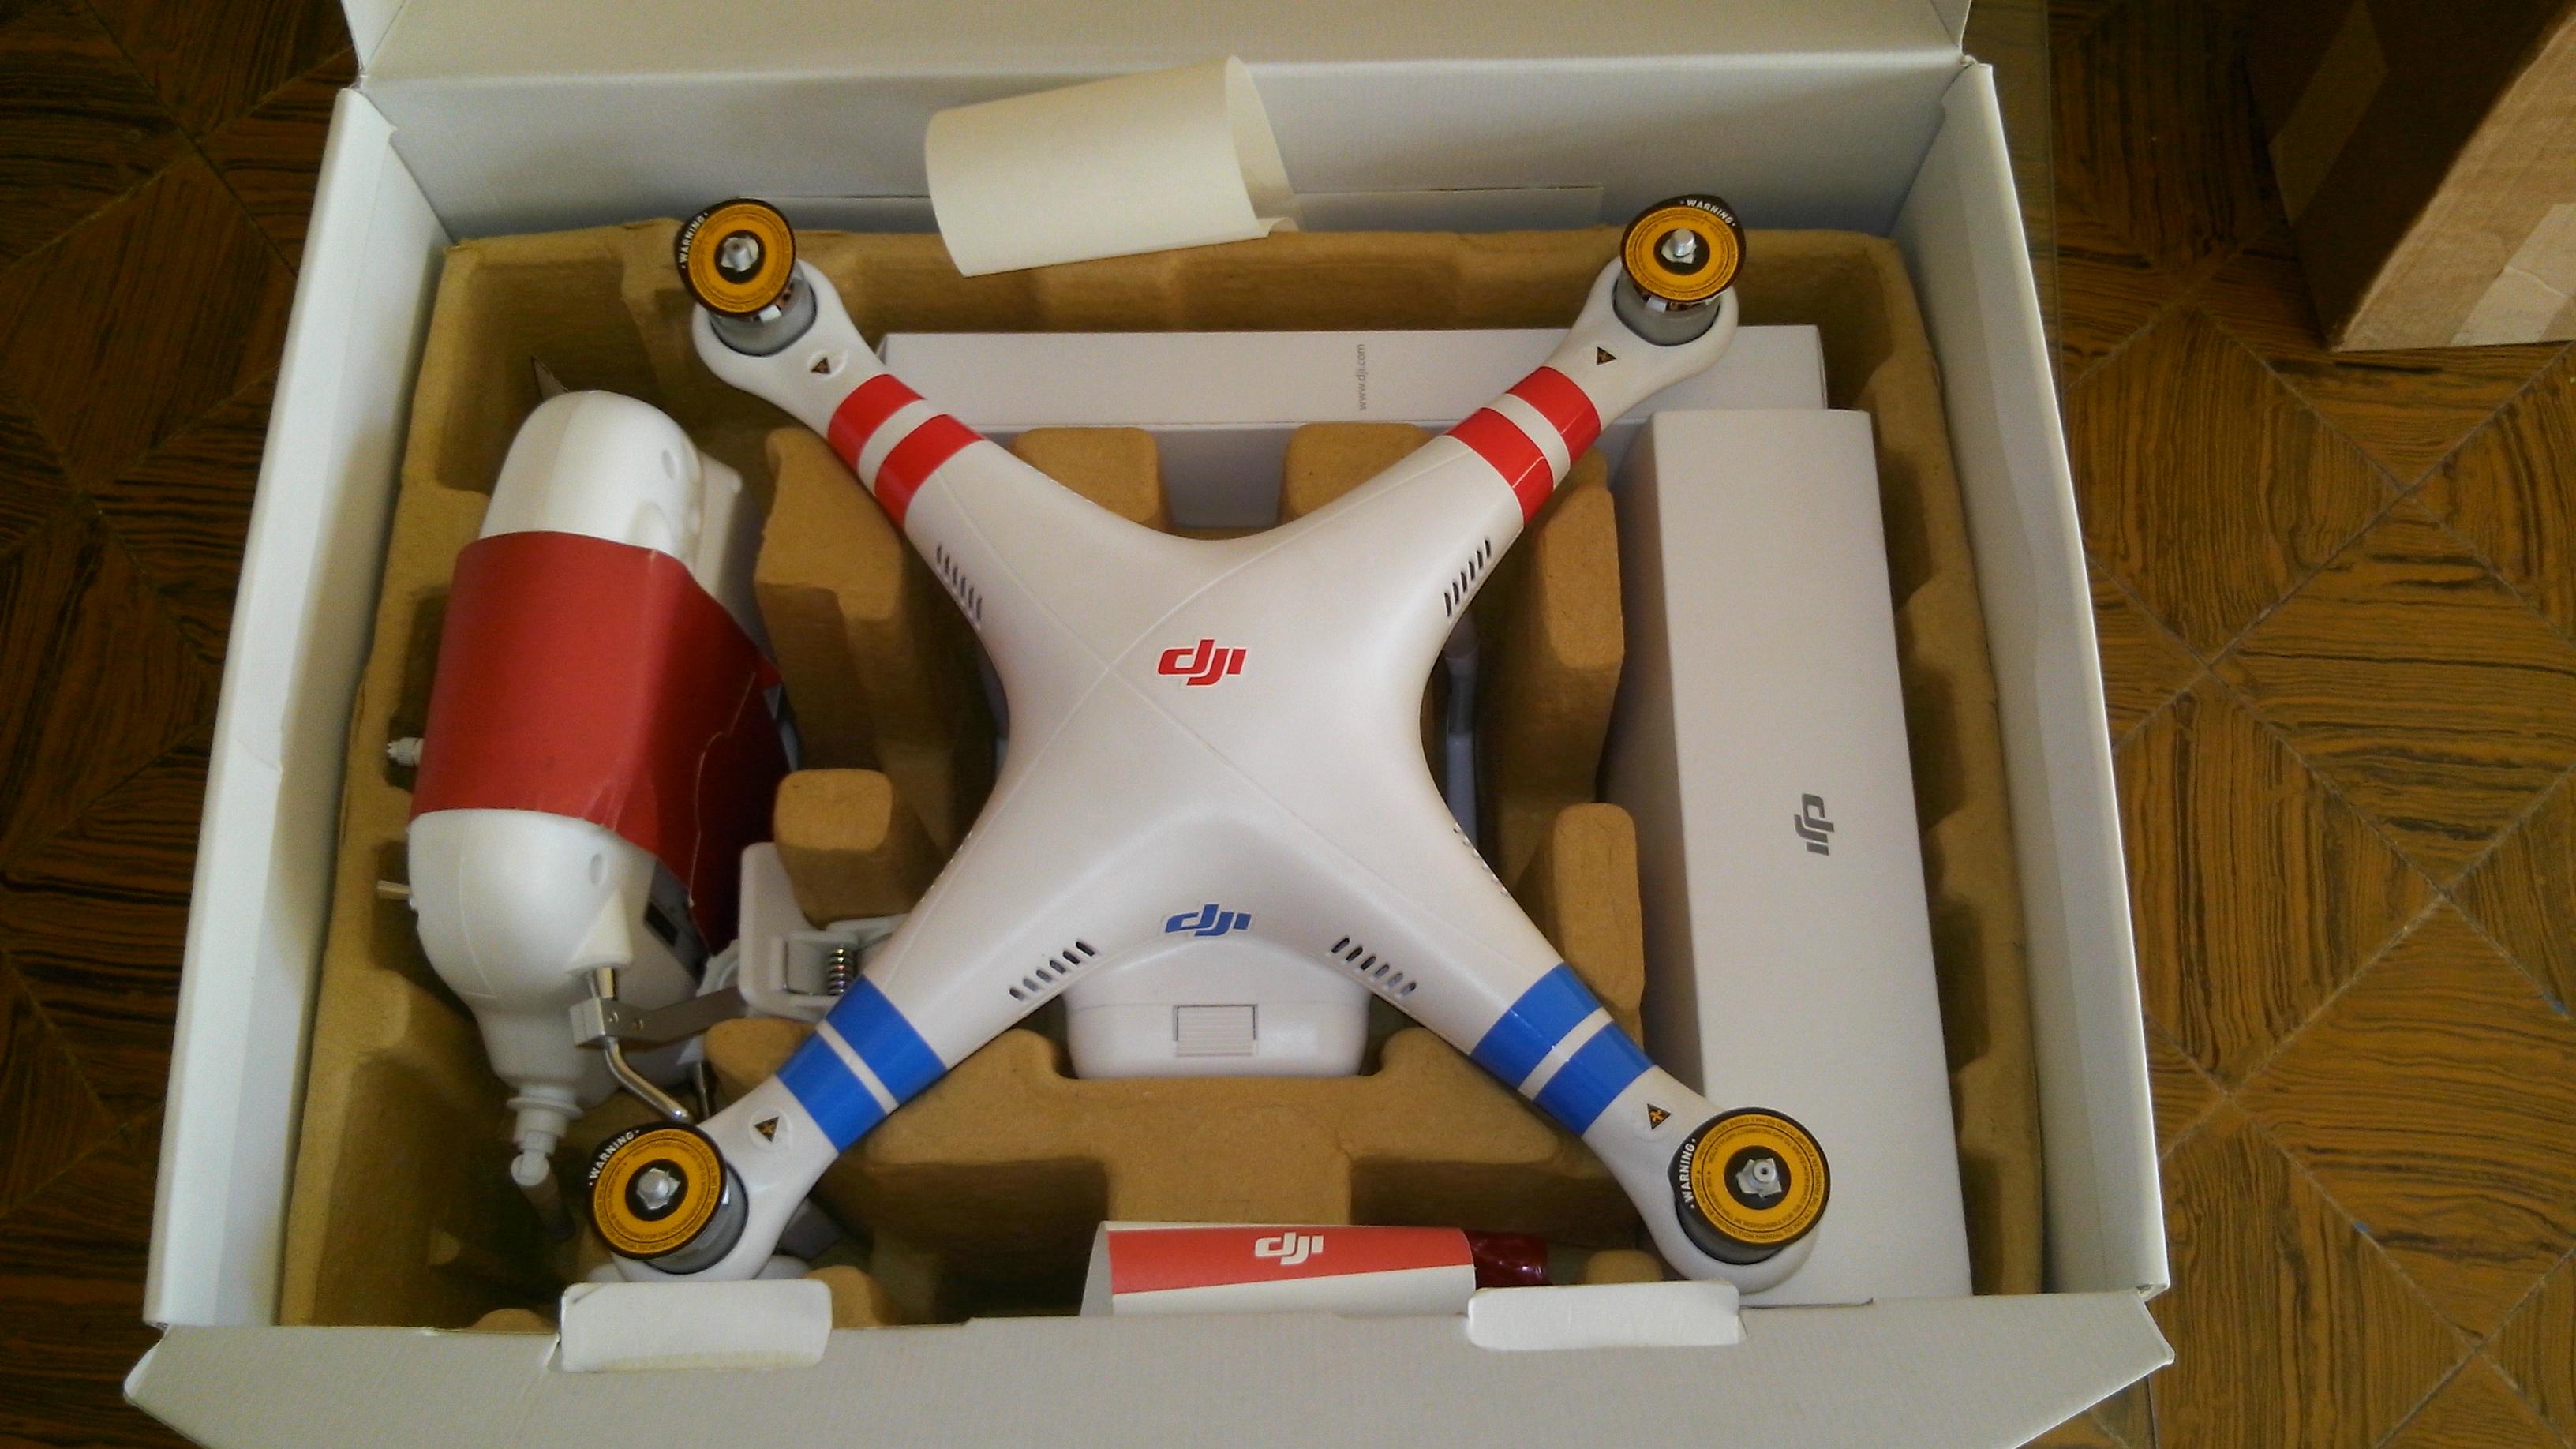 MEGA RIFA MEGA RIFA DRONE, EURO ACE 350 Y MERLYN I 046c461495e465bc93a938731618c255o